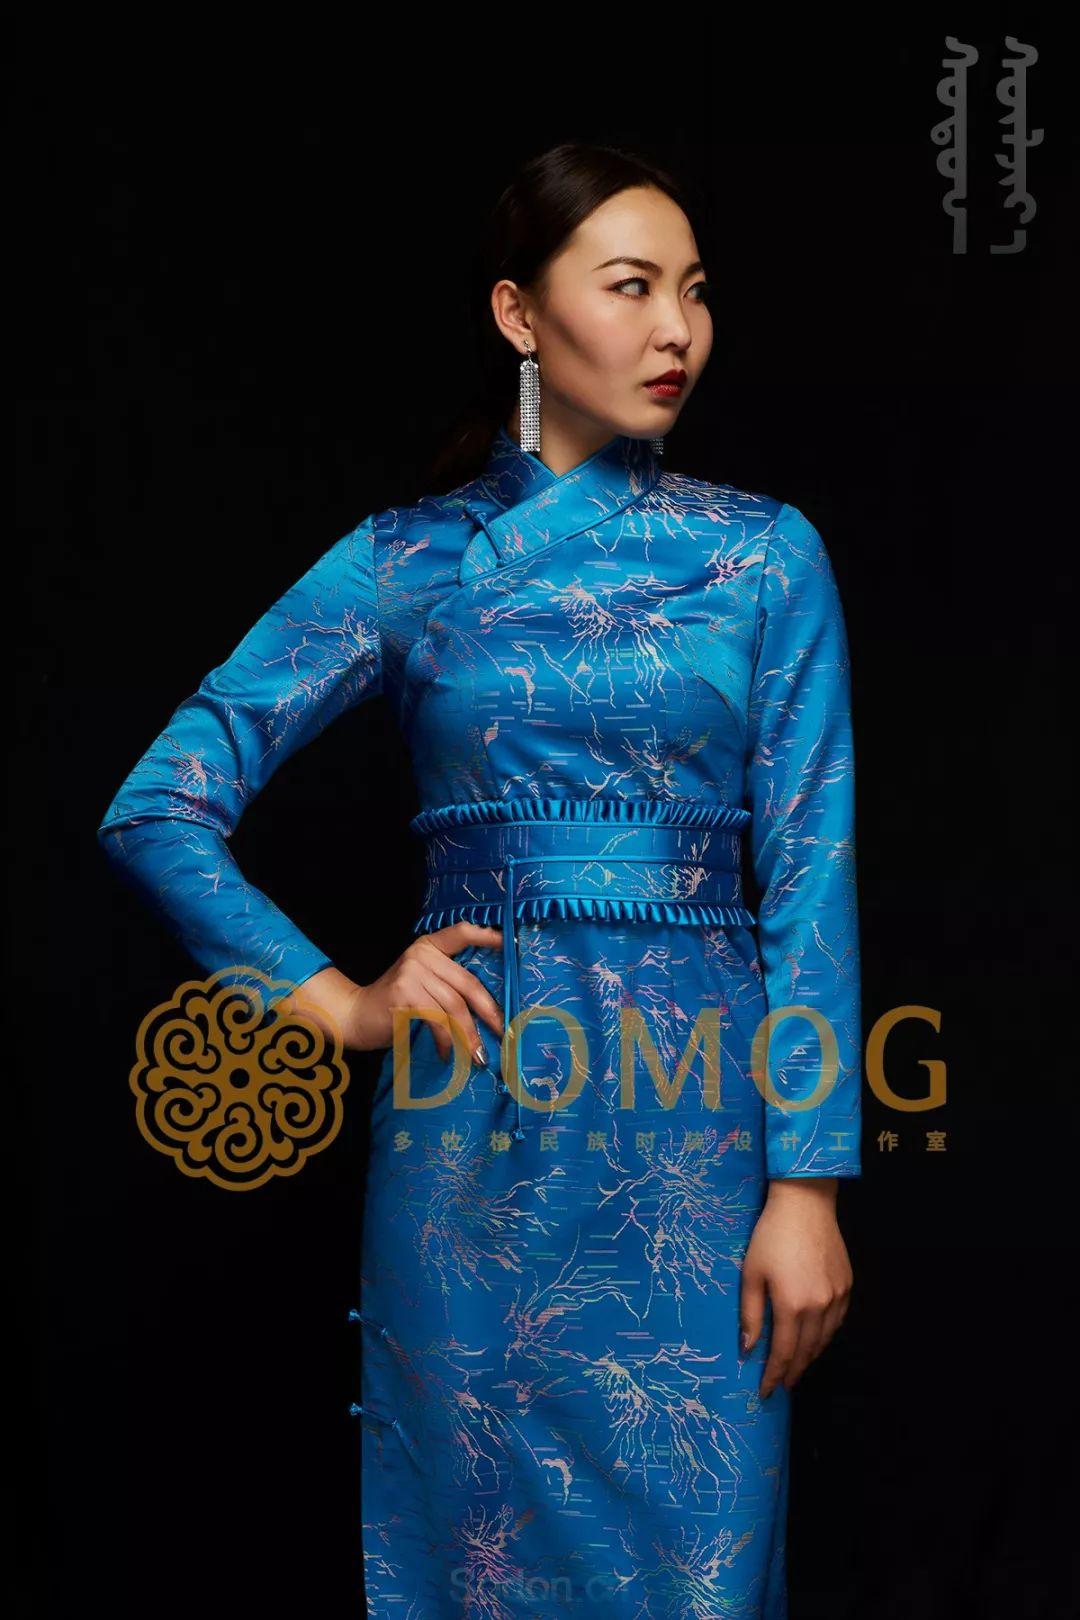 DOMOG蒙古时装绝美秋冬款系列,美出新高度! 第19张